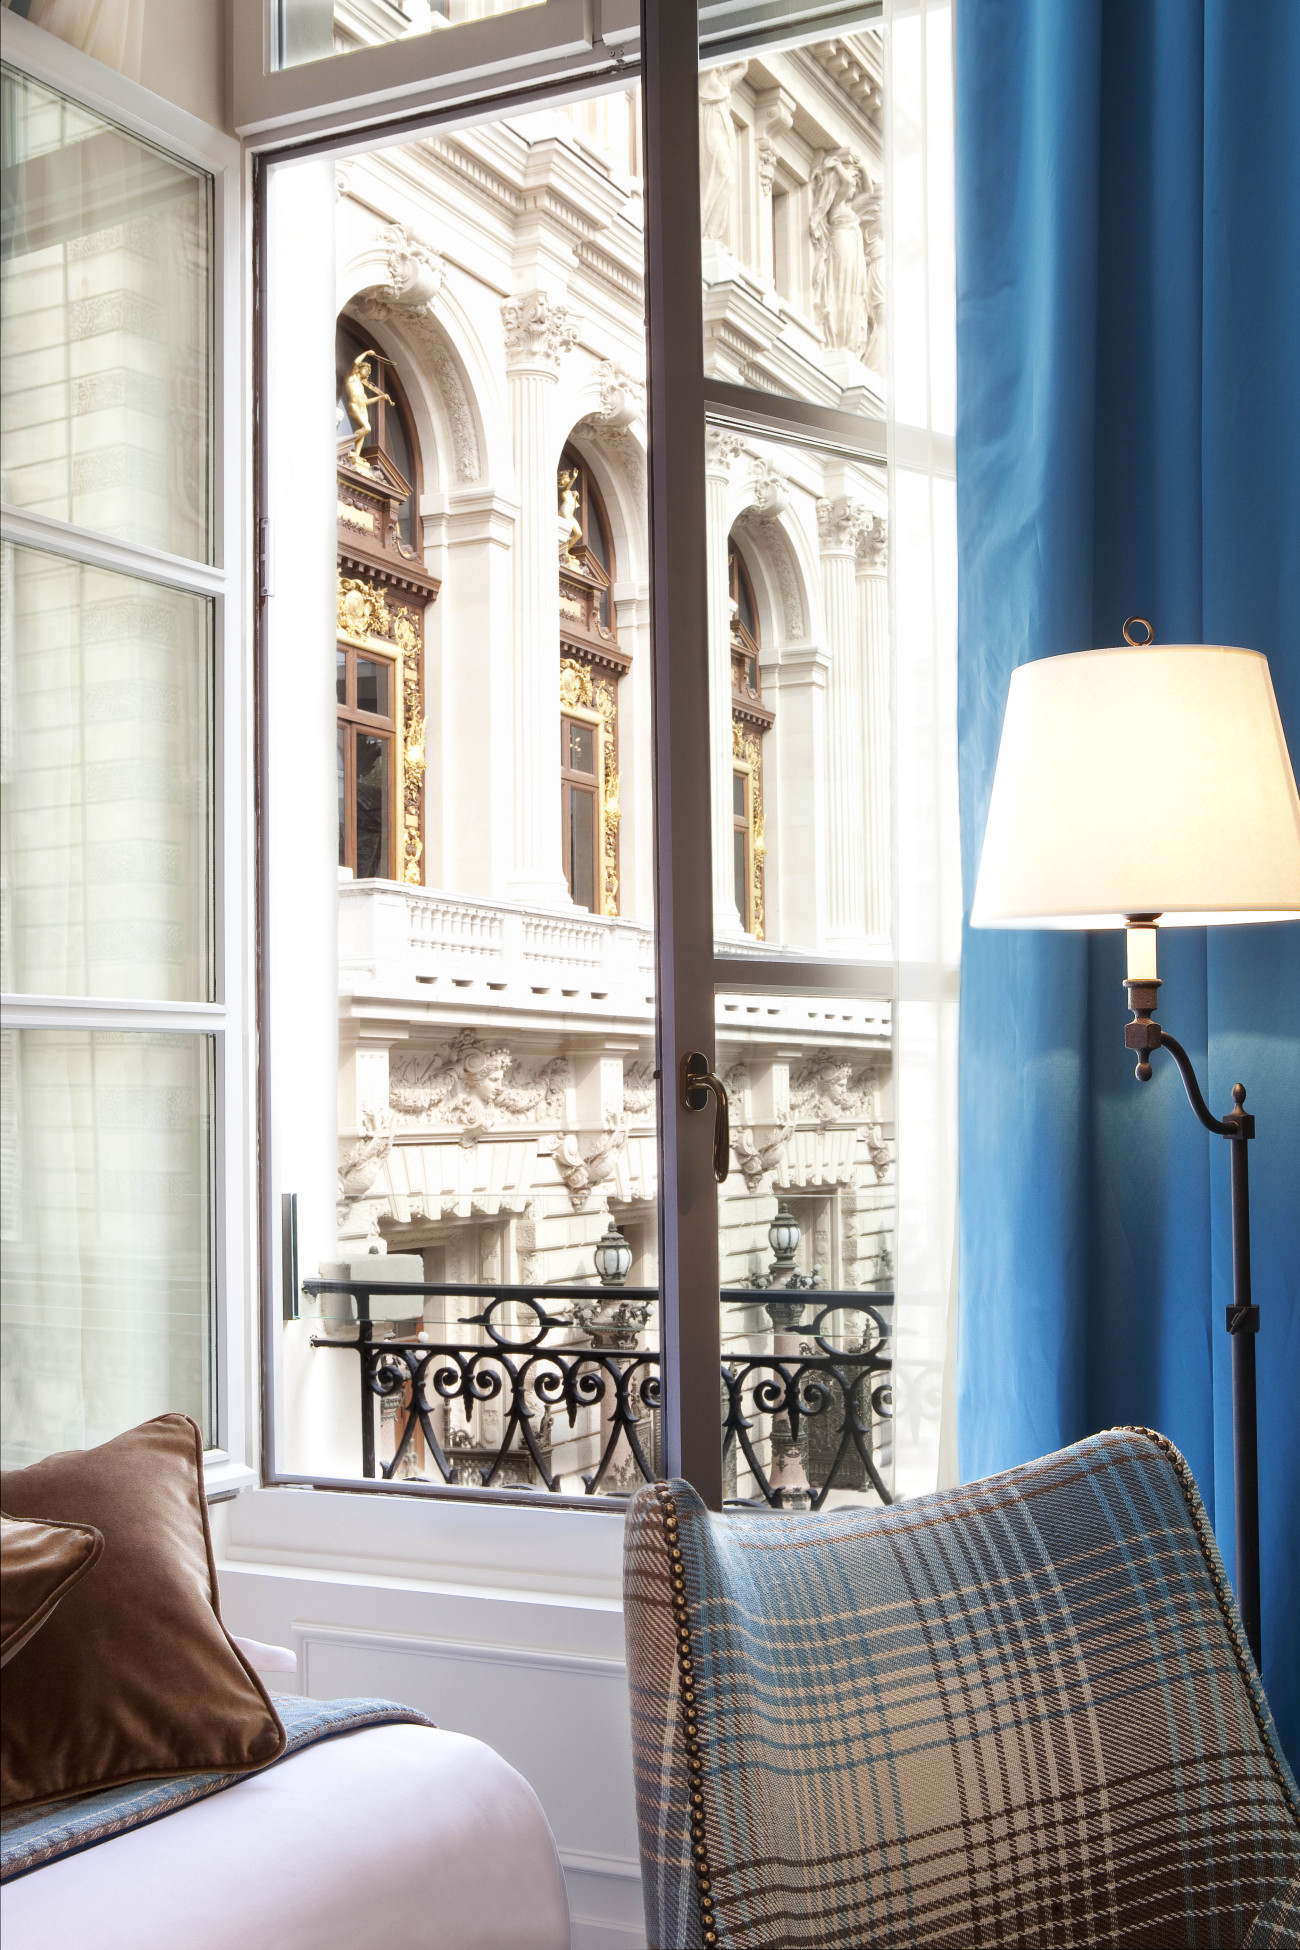 HOTEL LA MAISON FAVART-SUITE LES QUATRE PARTIES DU MONDE-11-03 MD